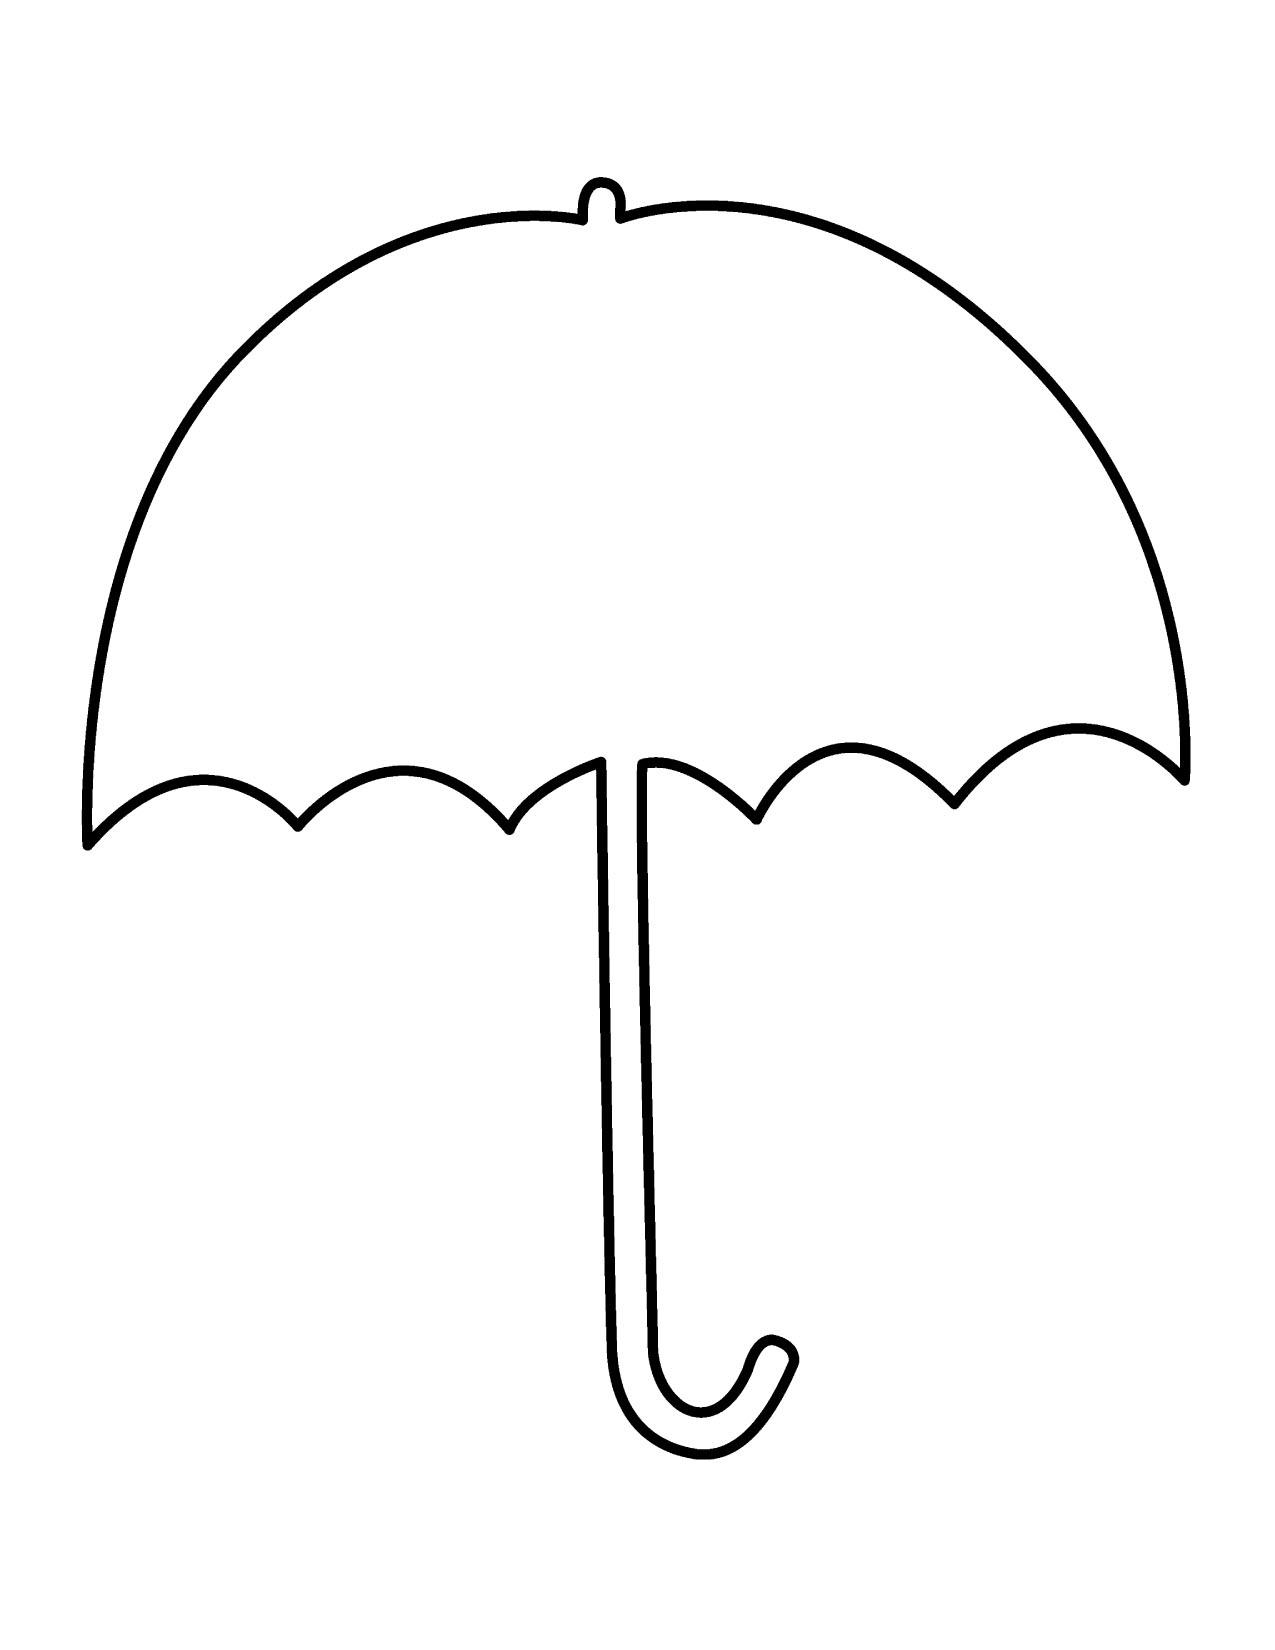 Umbrella Clipart-umbrella clipart-13